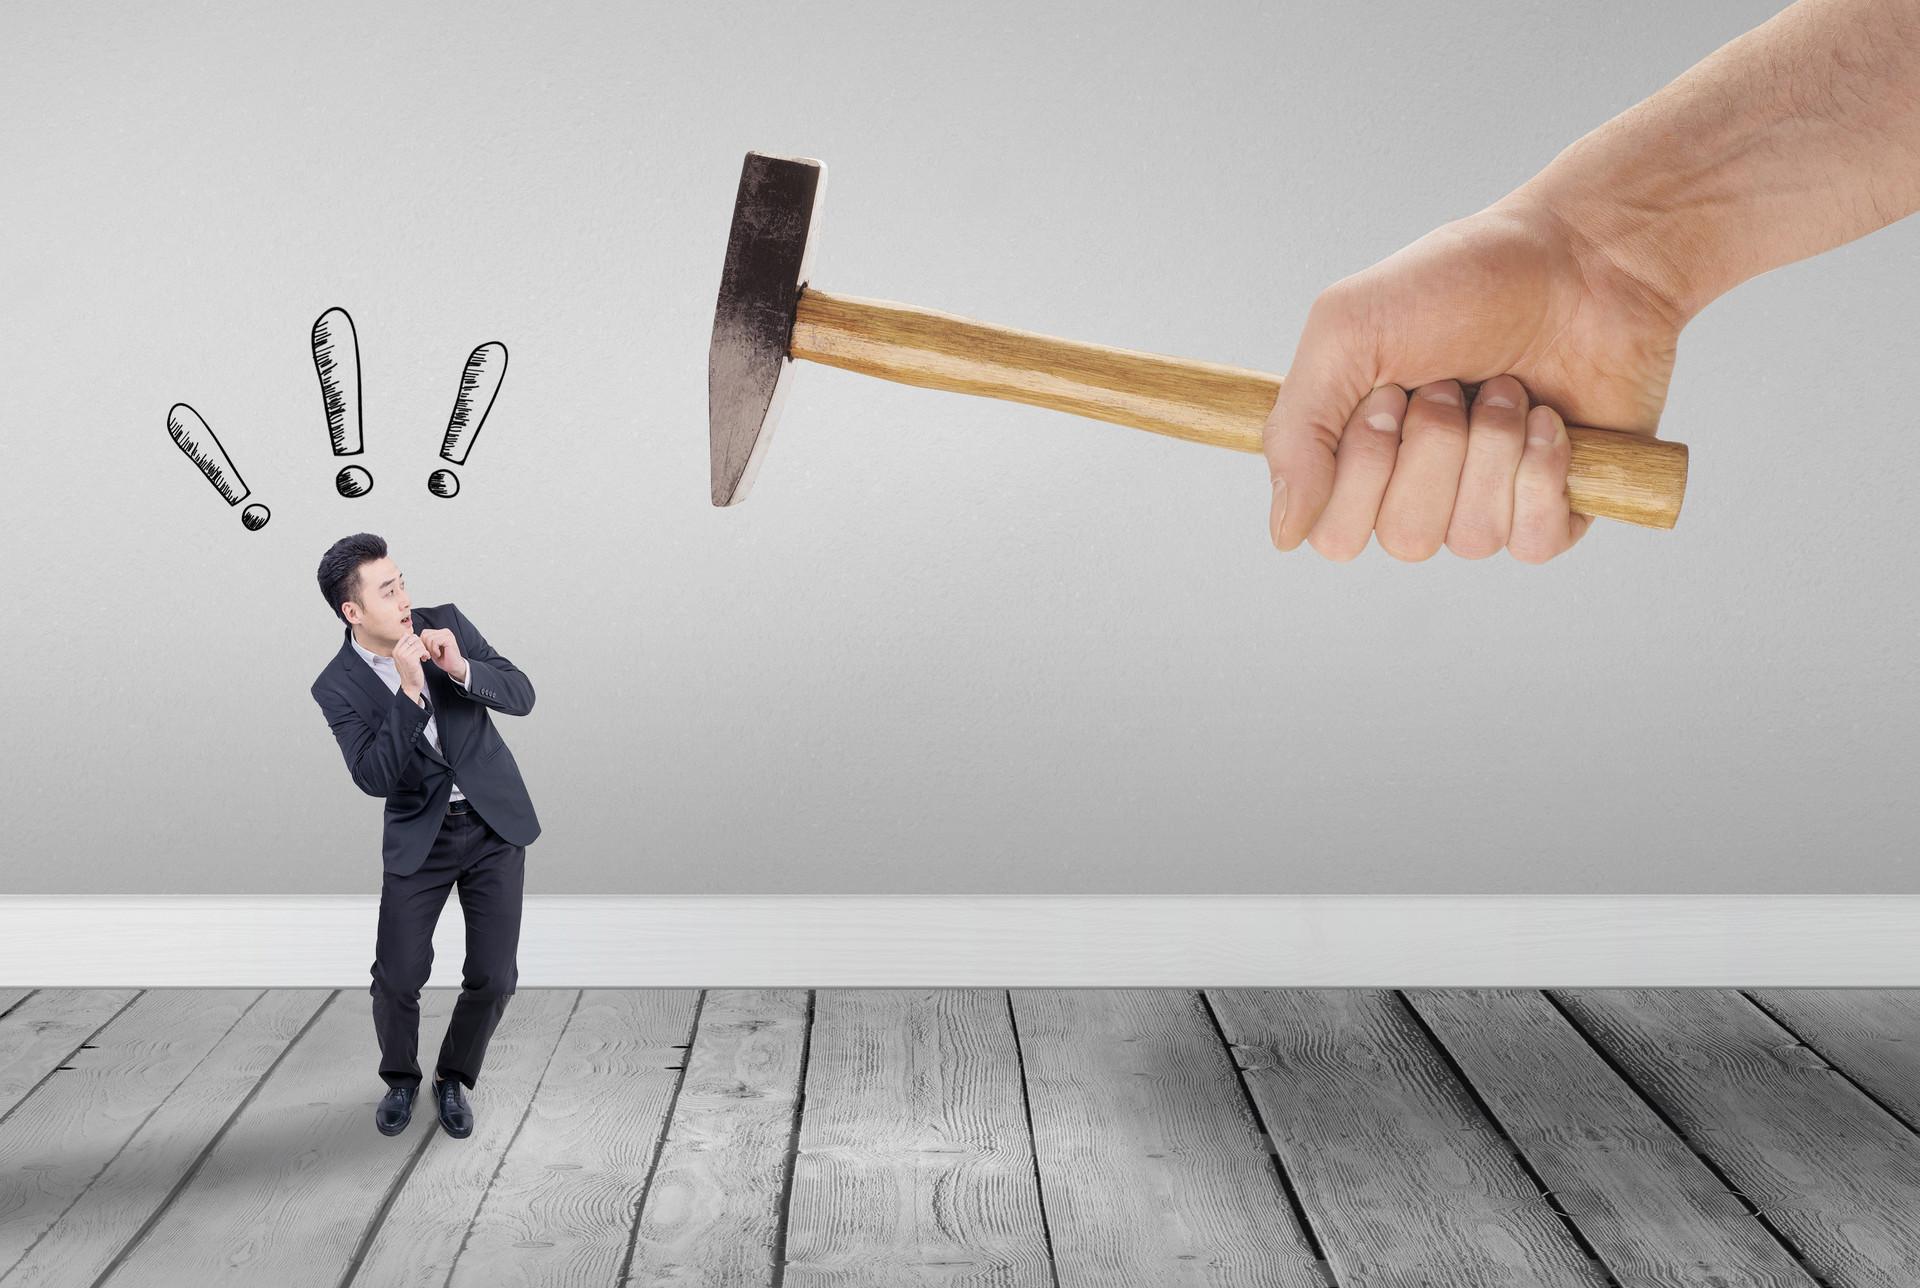 """付费用户锐减与课程投诉多流利说新CFO如何""""破局"""""""